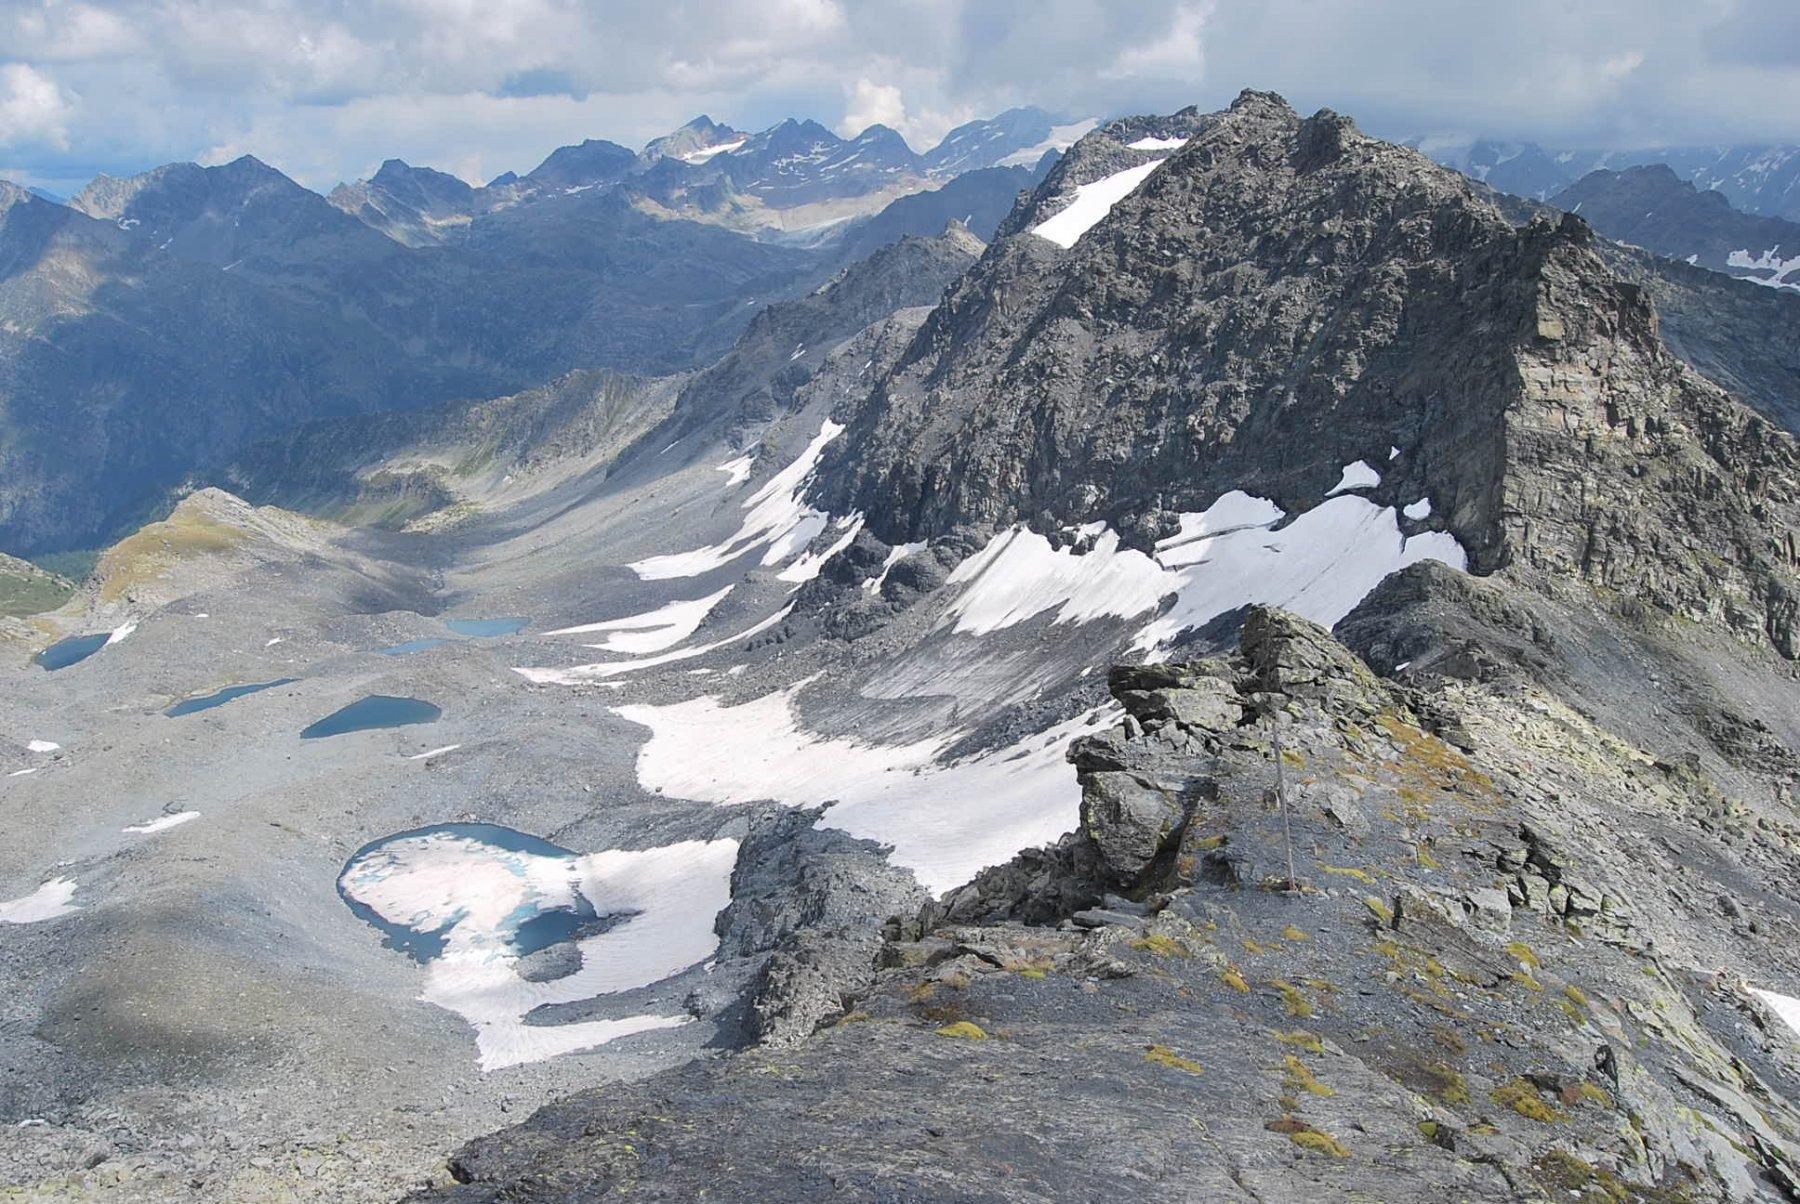 Colle del Gran Ghiacciaio, punte della Louie Blanche e Vallone di Ponteilles con i suoi laghi